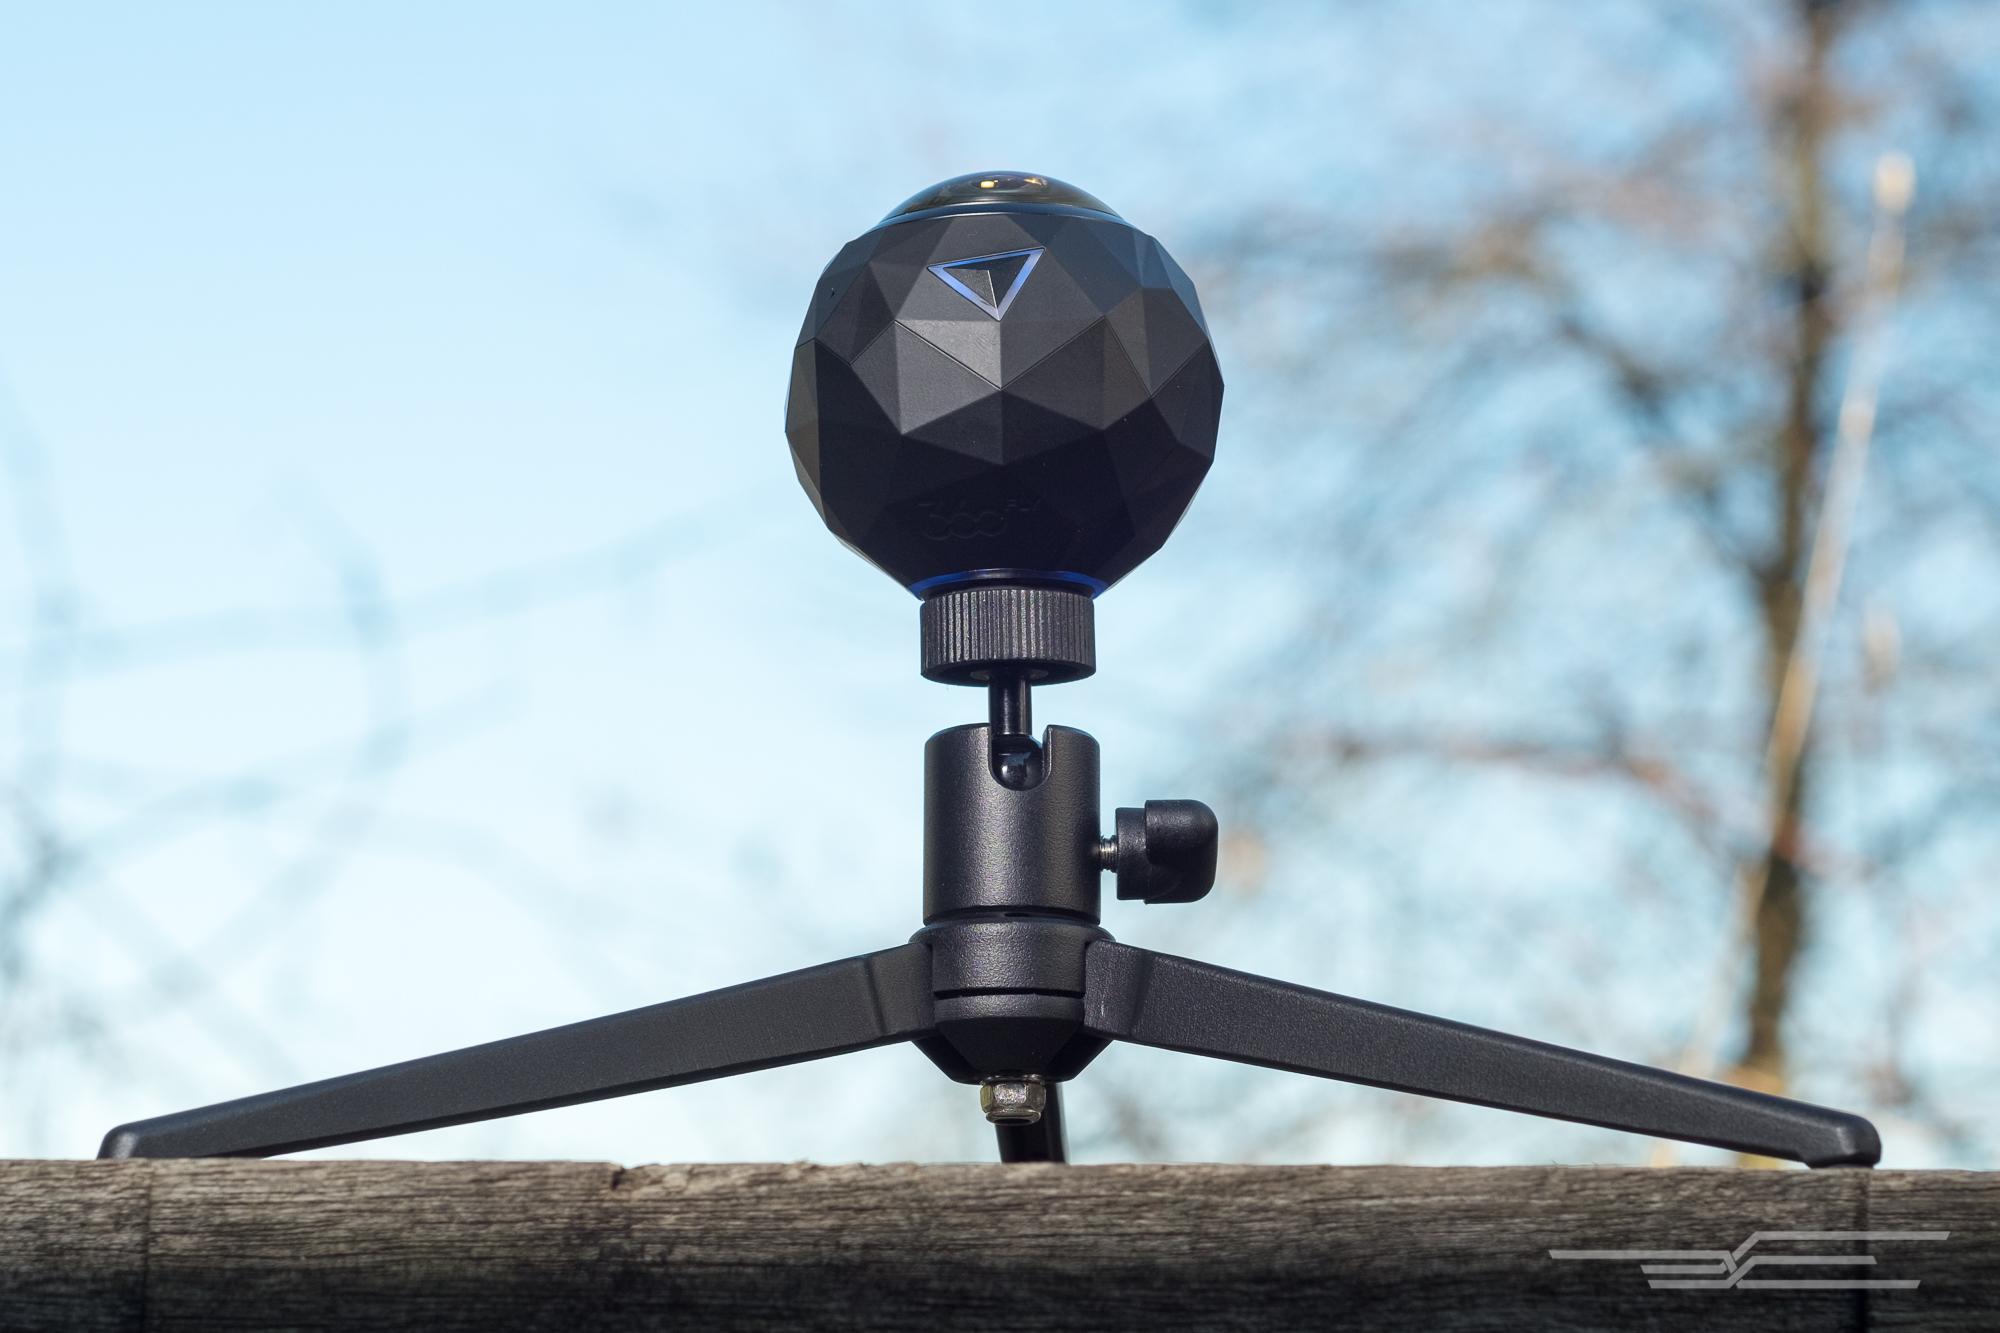 كاميرا 360 درجة: كل ما تريد معرفته 4